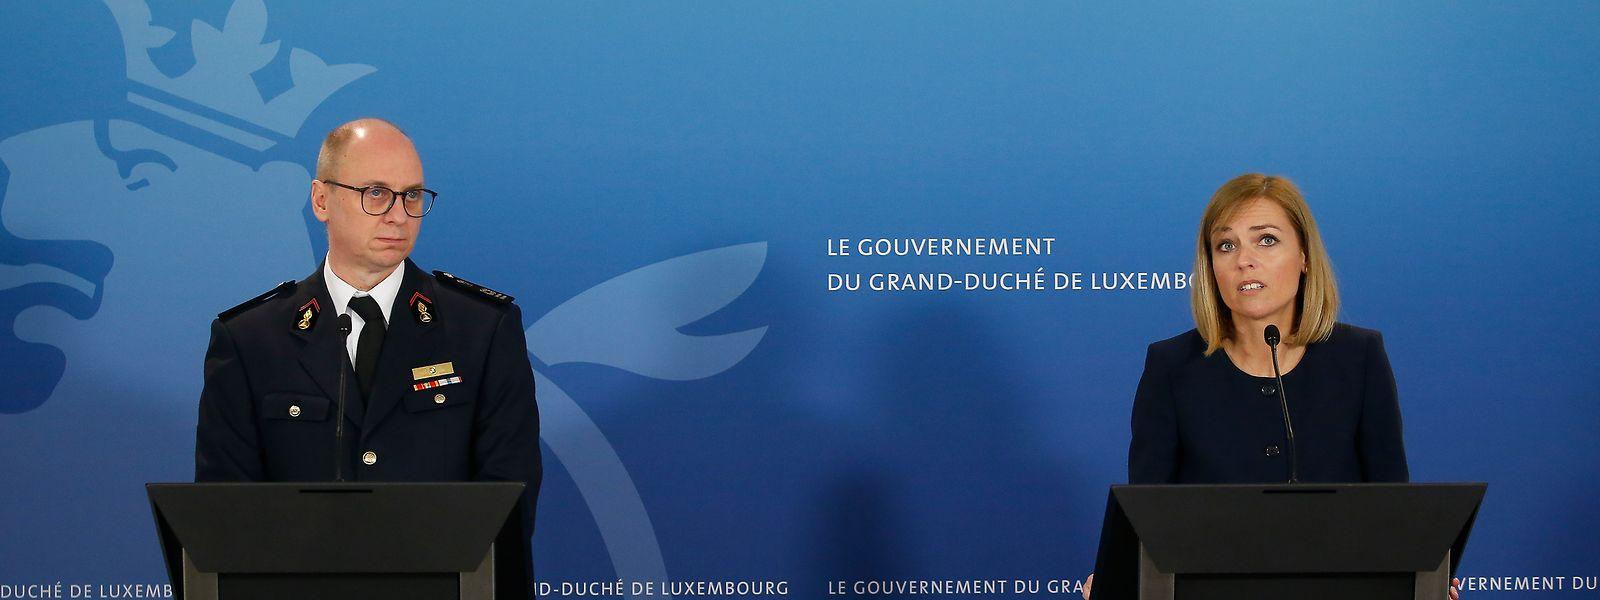 Paul Schroeder, directeur général du CGDIS et Taina Bofferding, ministre de l'Intérieur.